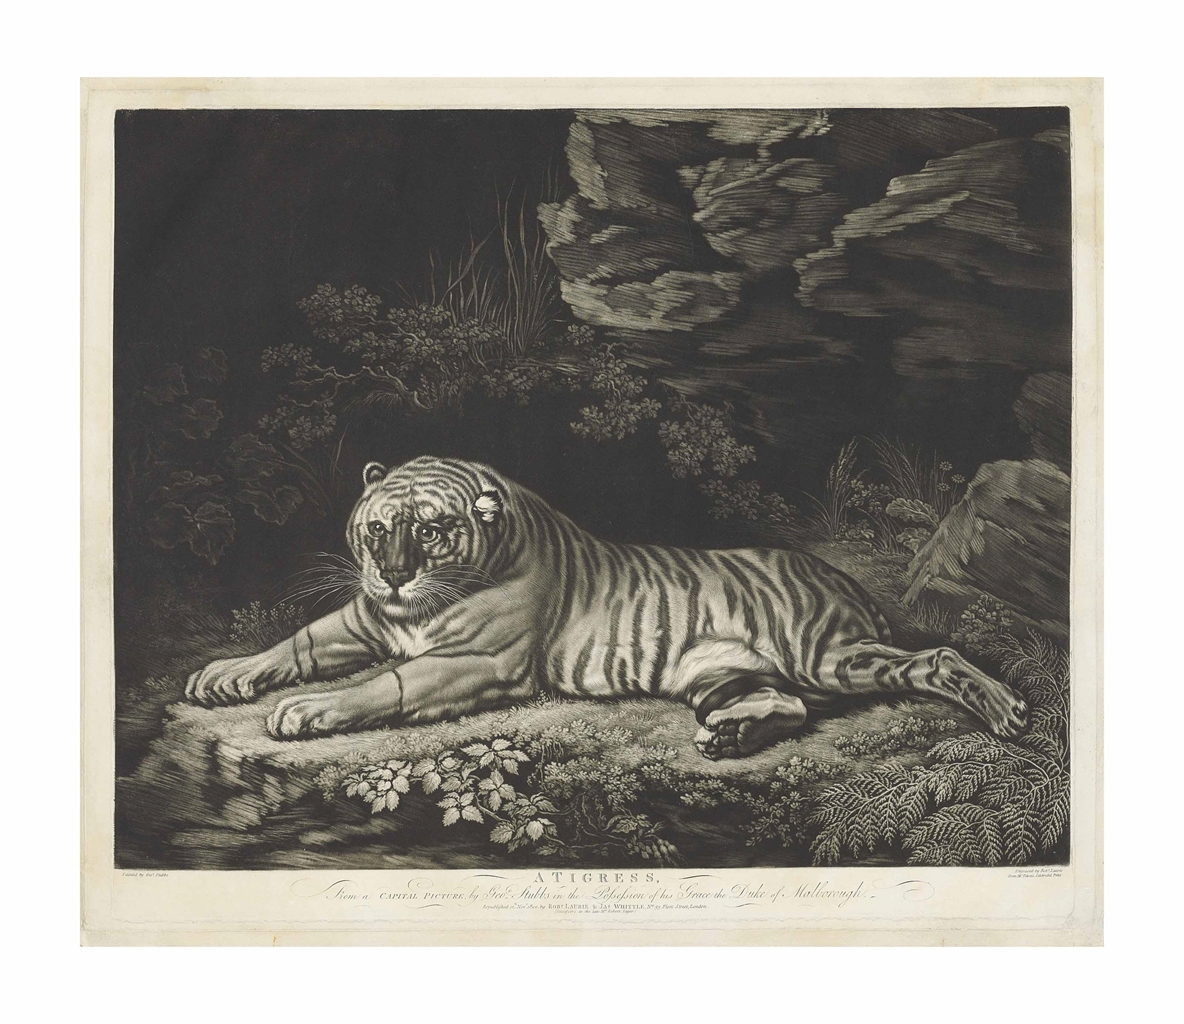 John Dixon-After John Dixon - A Tigress lying on the ground-1780